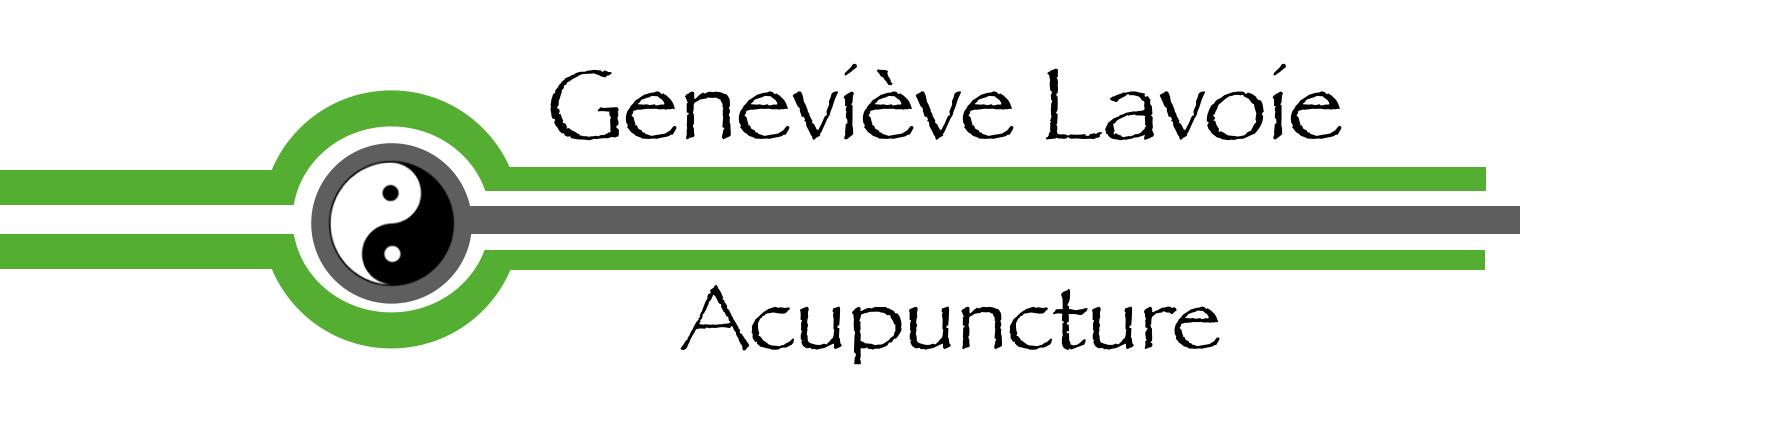 Acupuncture Geneviève Lavoie